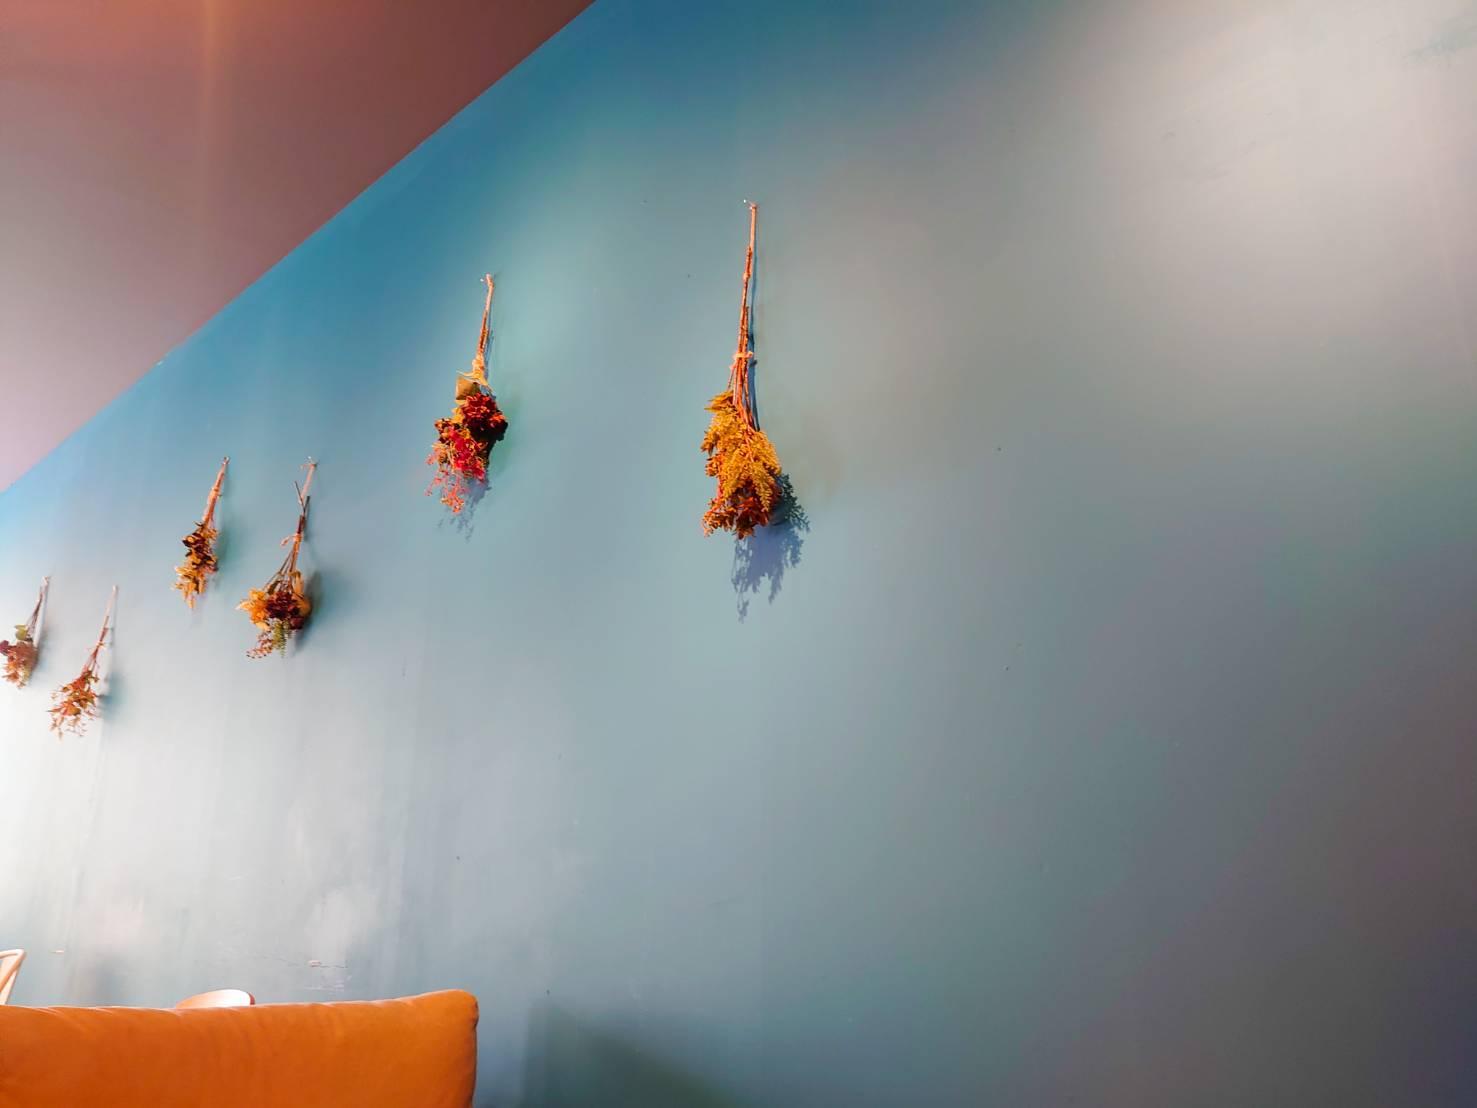 カフェニコラ店内の壁の画像